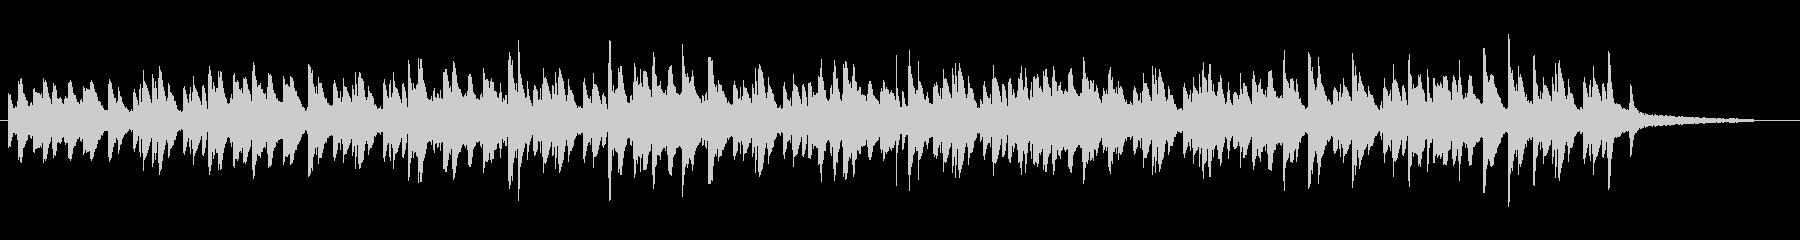 流れるような旋律のピアノ曲の未再生の波形